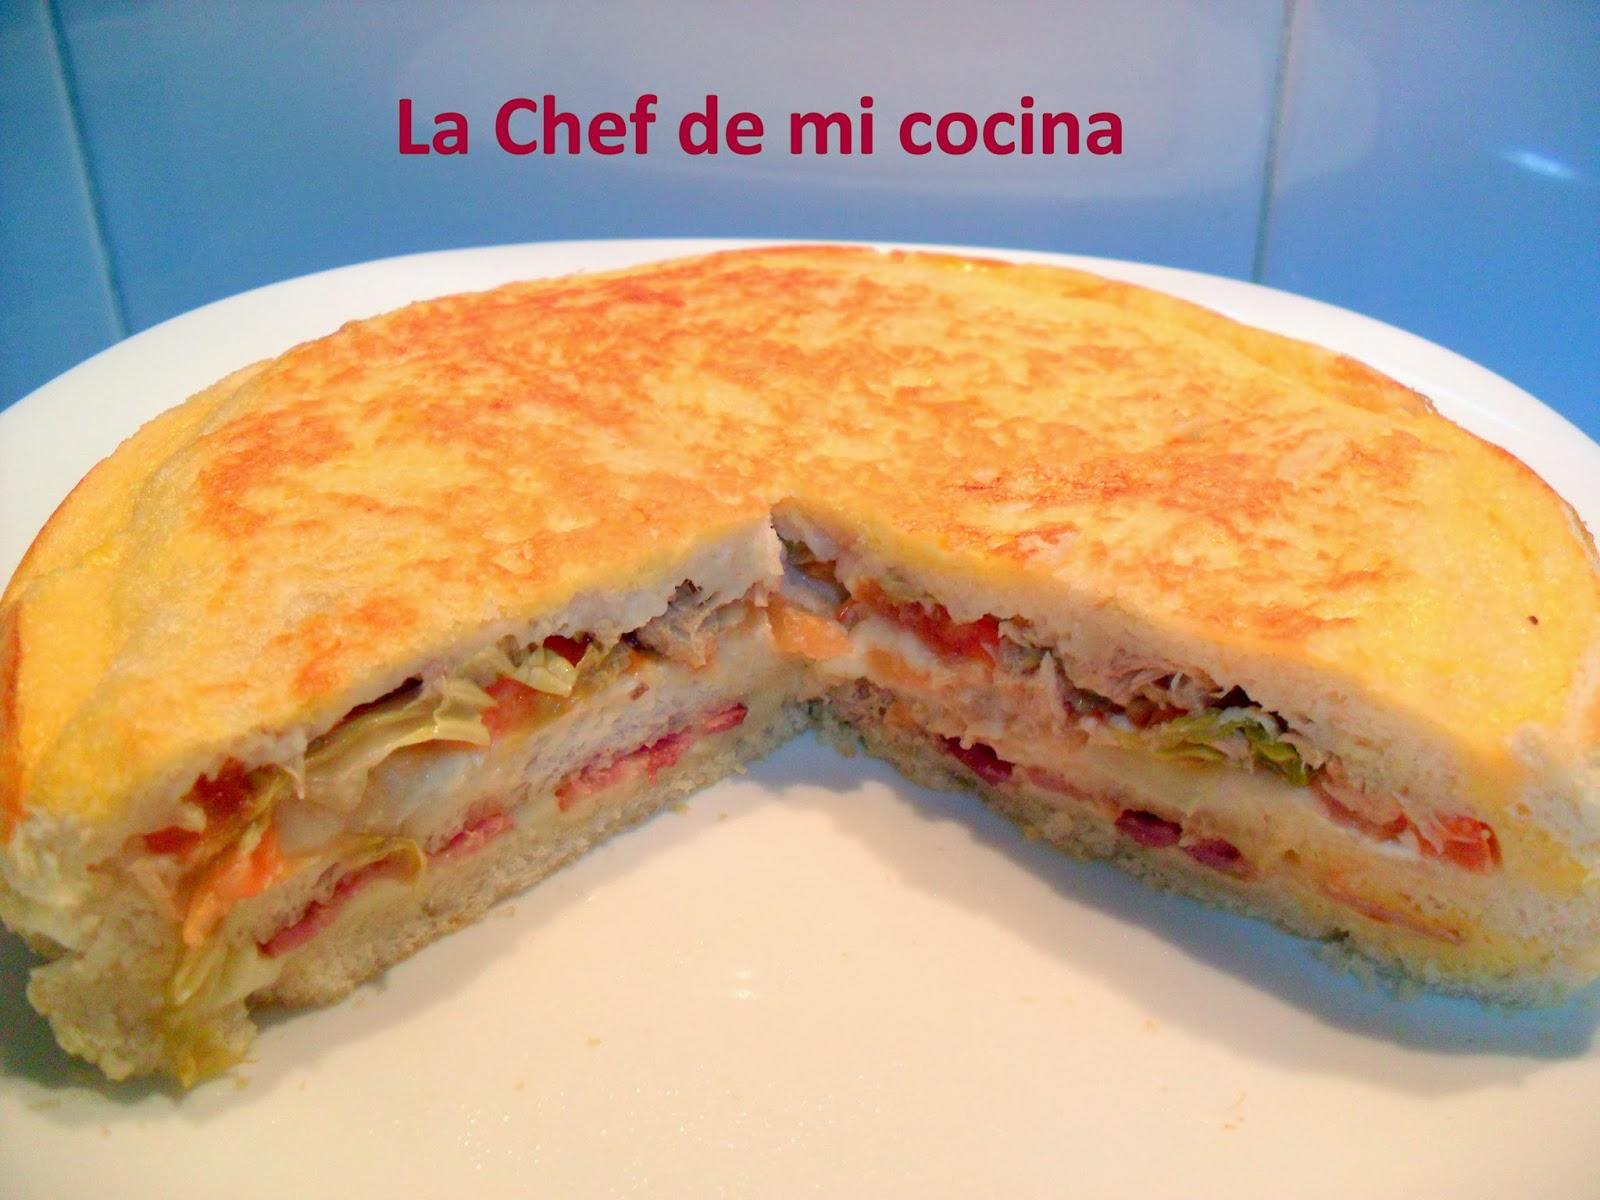 La chef de mi cocina sandwich n en la multicook pro de - Tefal multicook pro recetas ...